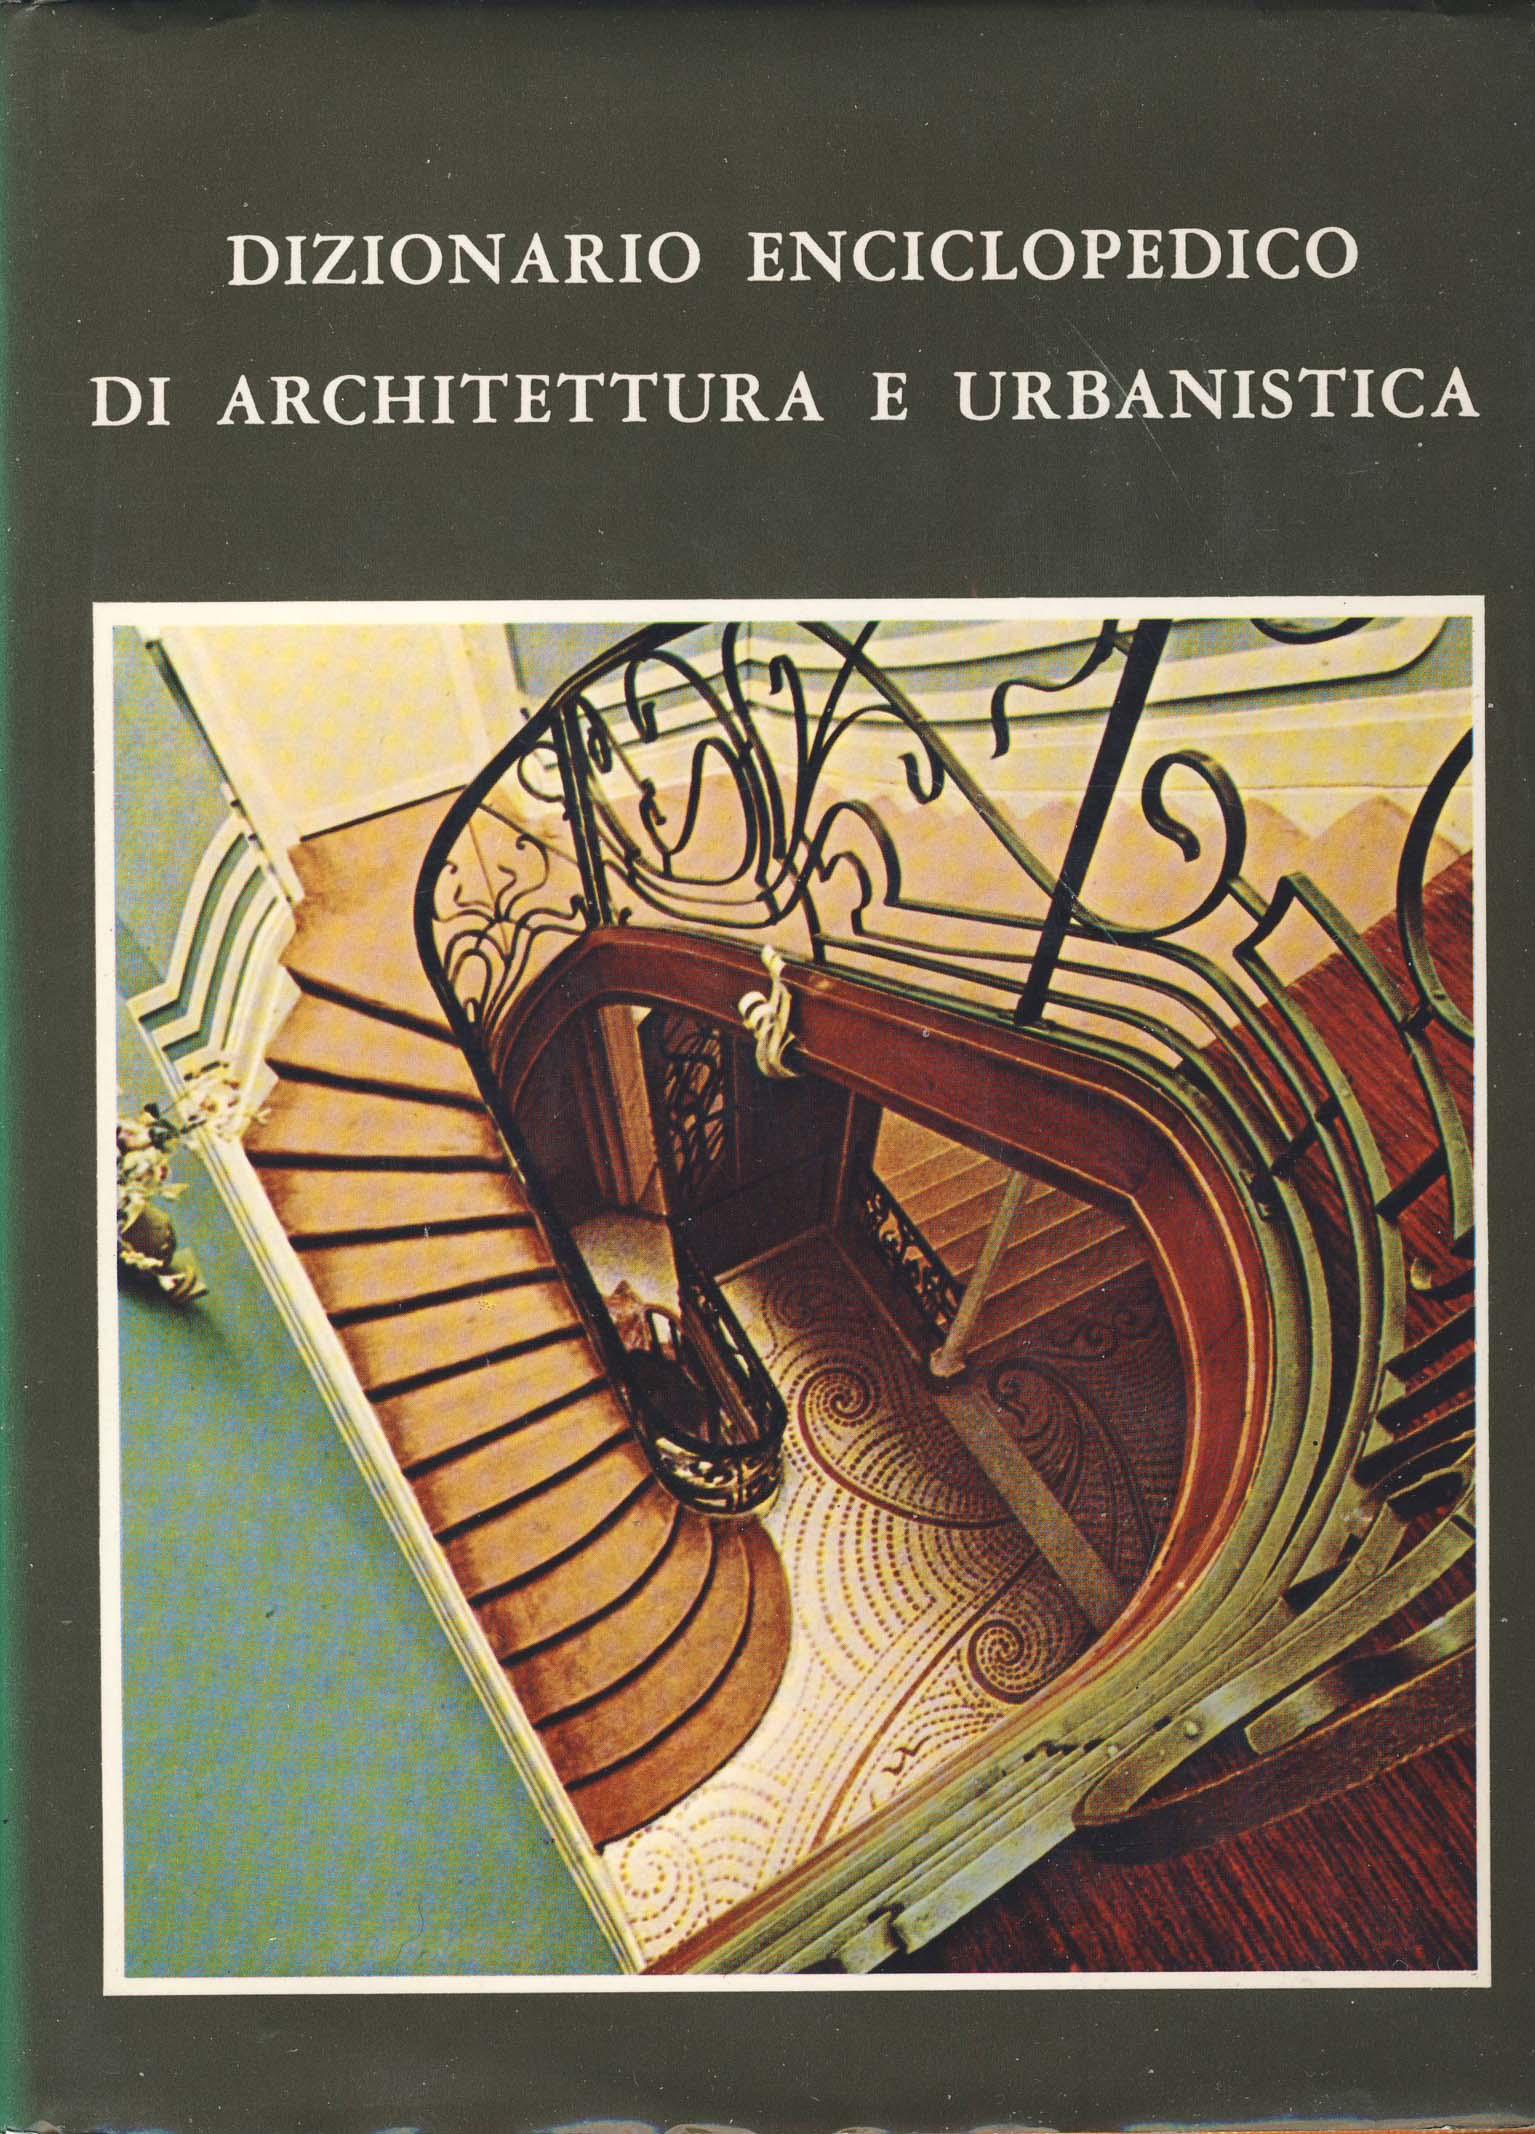 Dizionario enciclopedico di architettura e urbanistica - vol. III